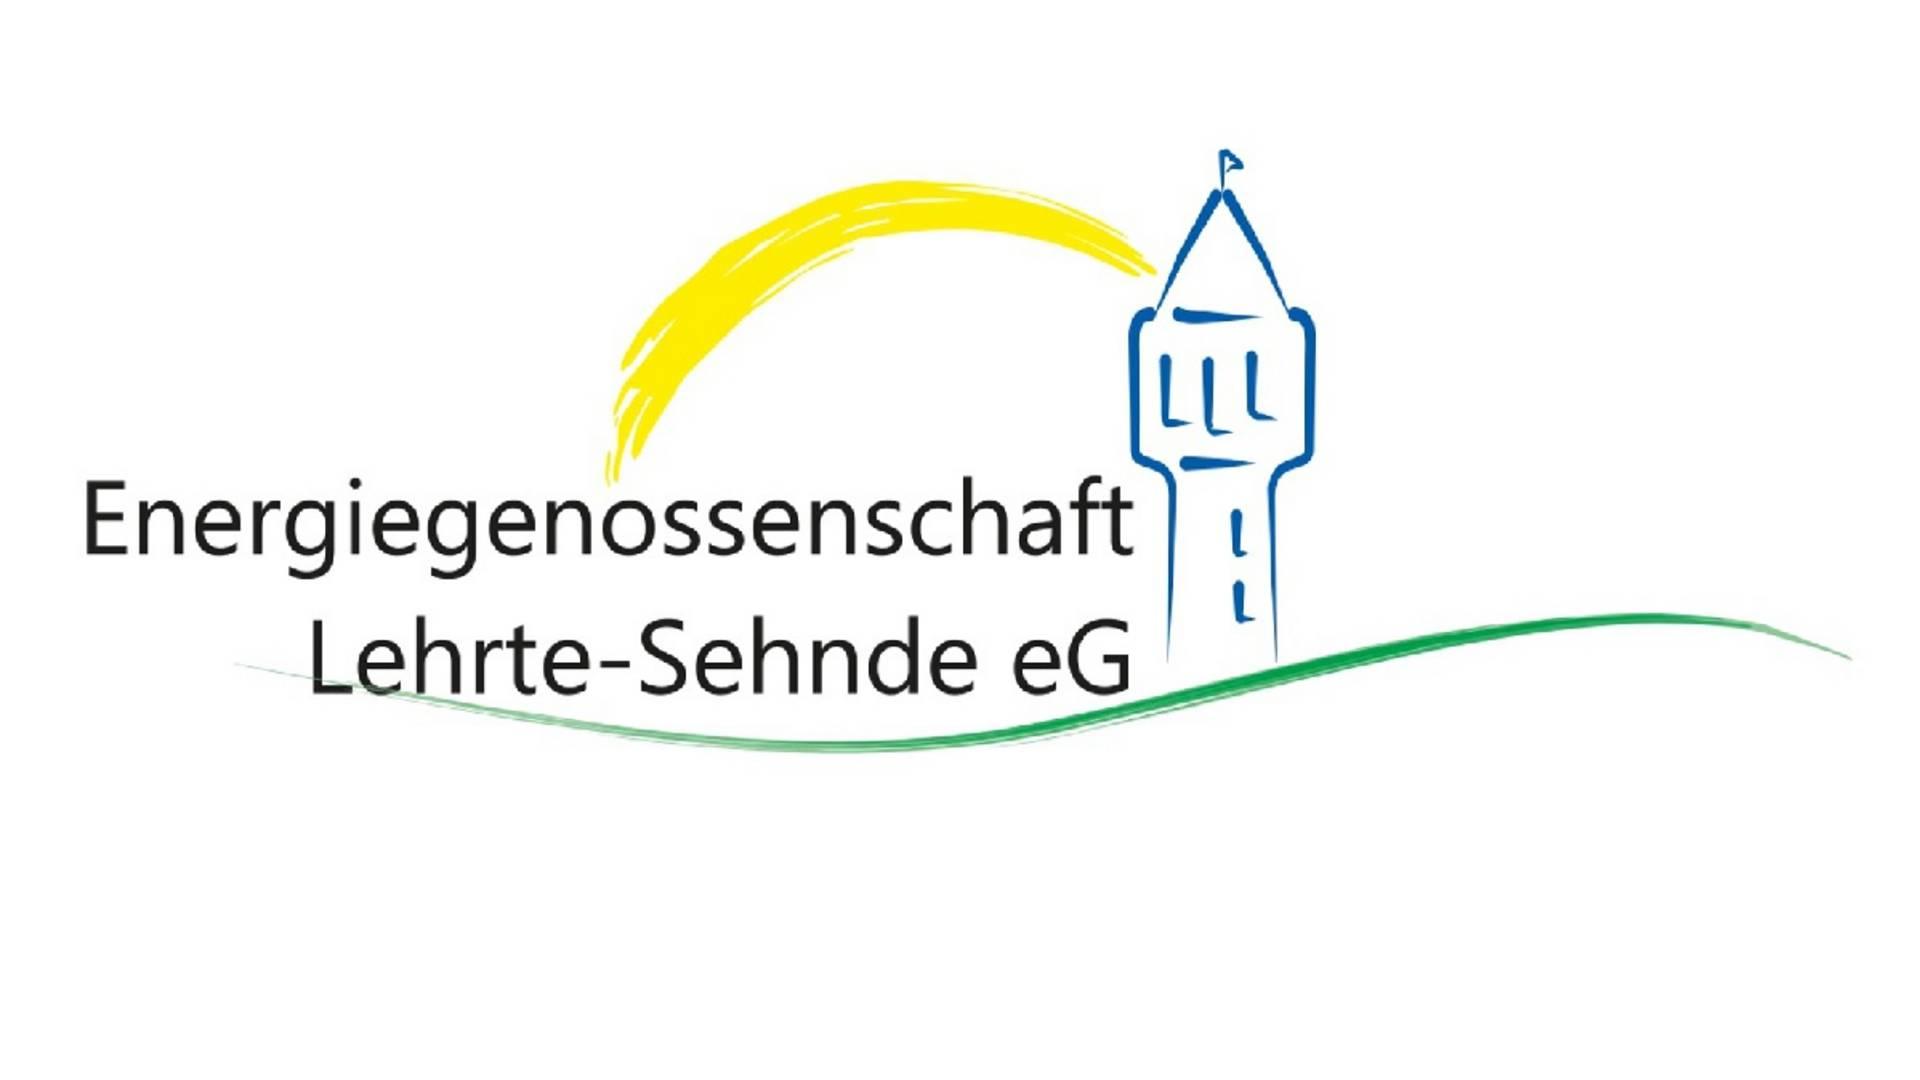 Energiegenossenschaft Lehrte-Sehnde © Energiegenossenschaft Lehrte-Sehnde eG